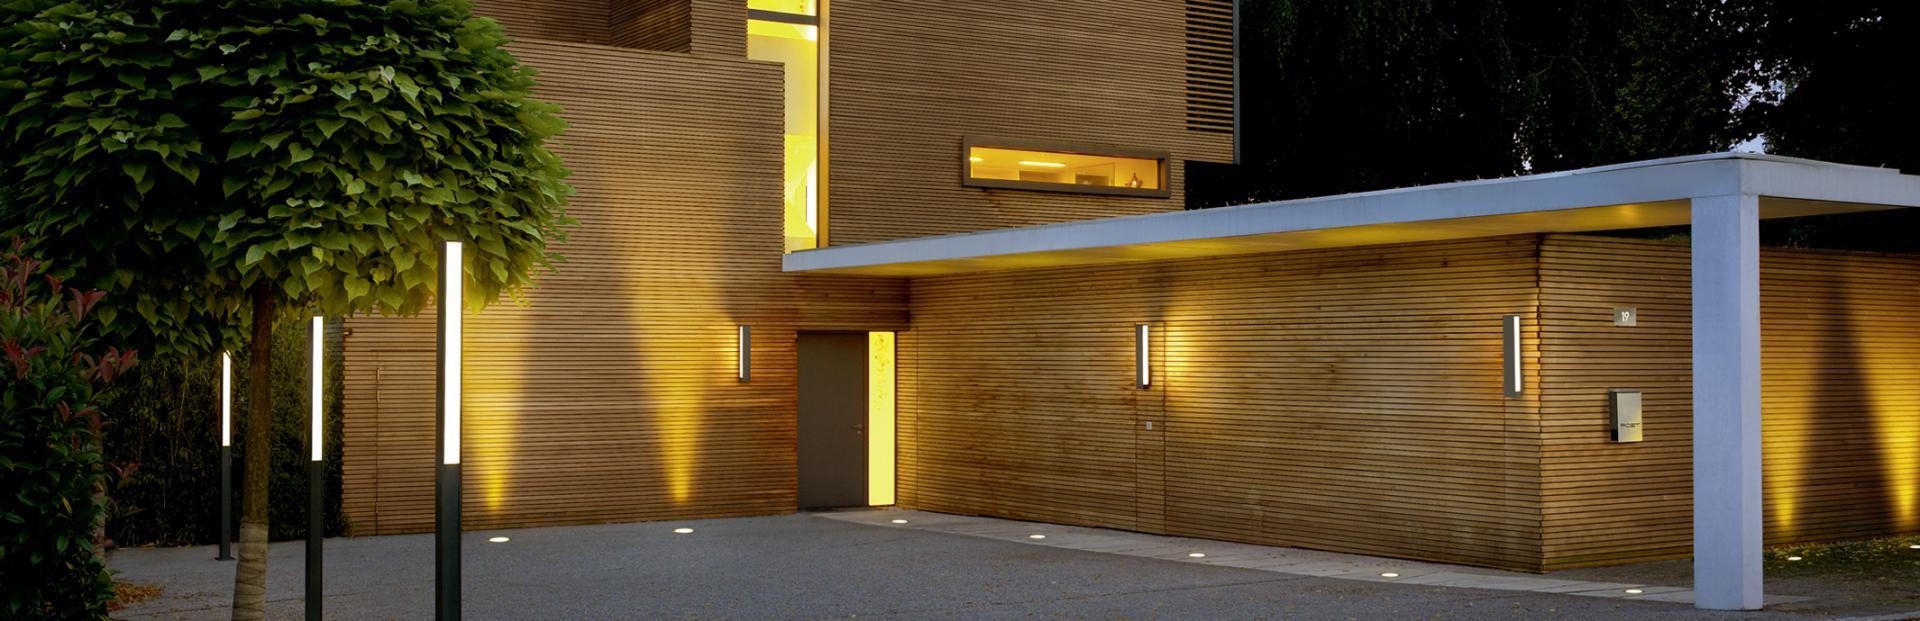 Eingangsleuchten Licht Für Den Hauseingang Reuter Magazin